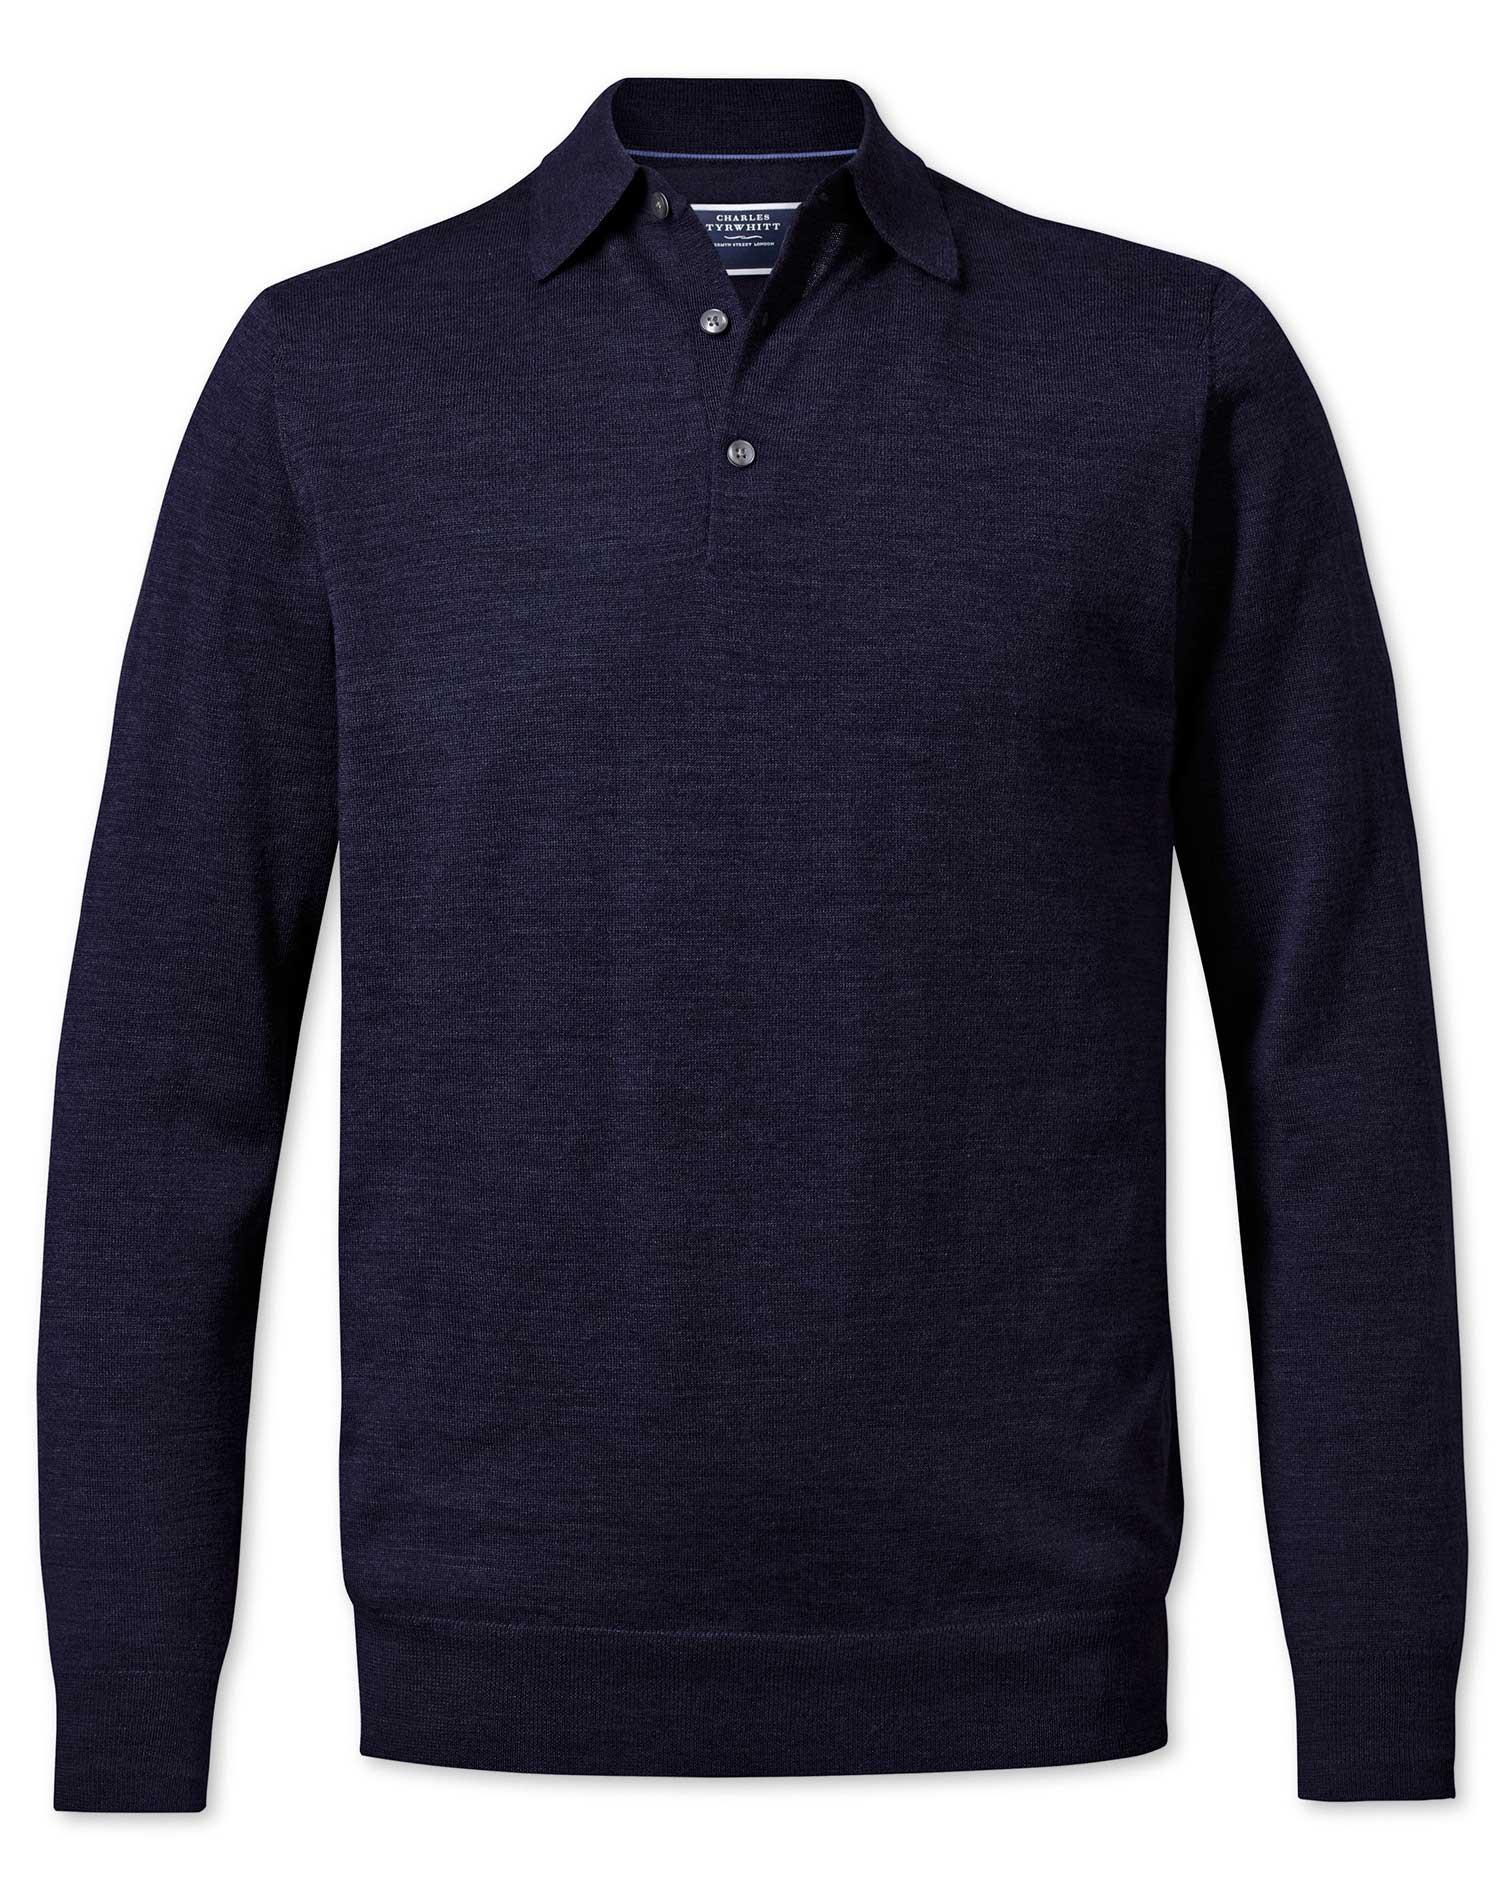 Navy Merino Wool Zip Through Cardigan Size Small by Charles Tyrwhitt